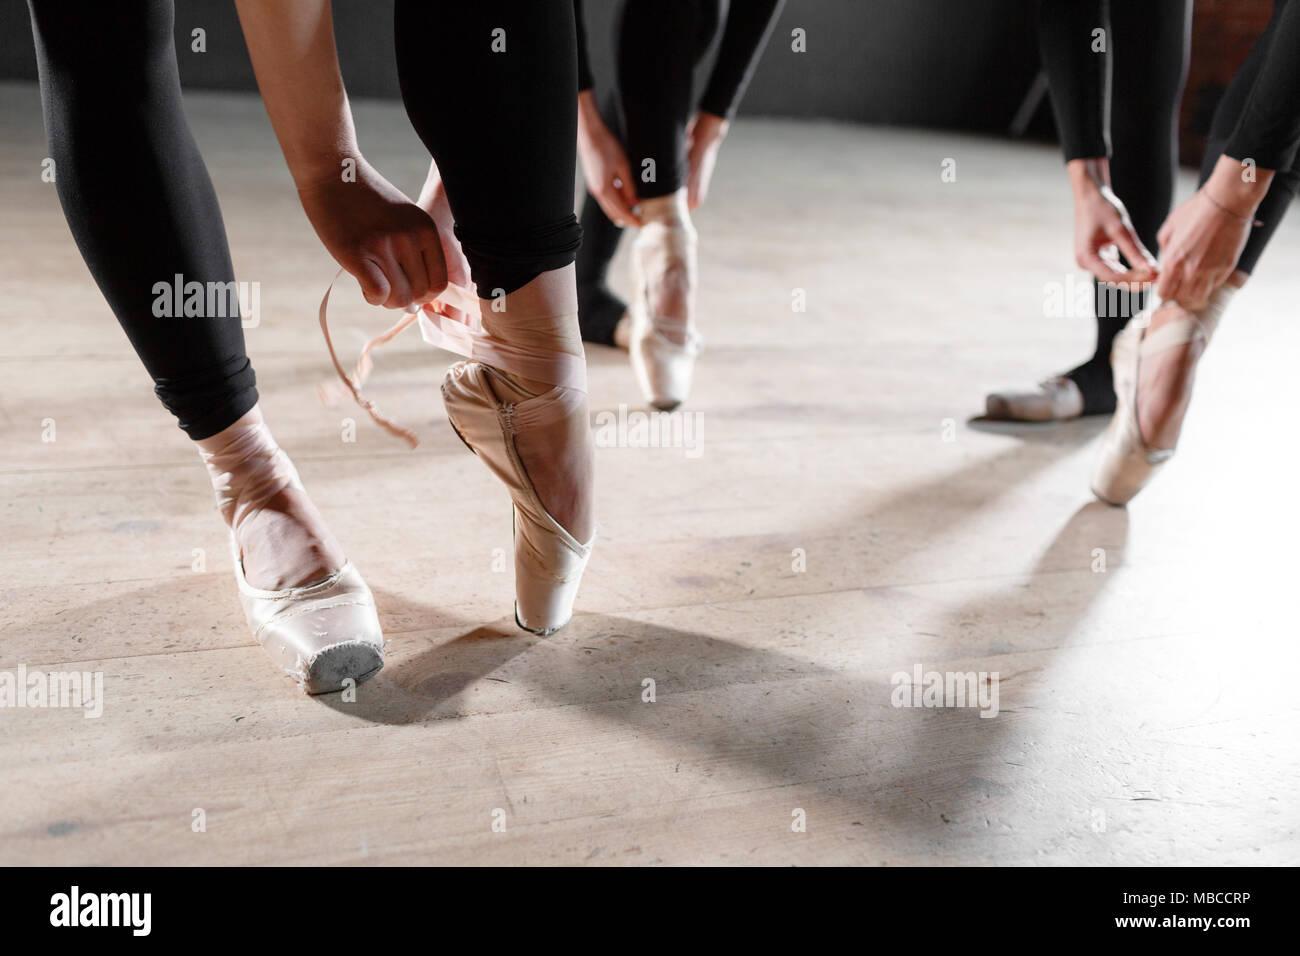 Das Ballett Konzept. Spitzenschuhe hautnah. Junge ballerina Mädchen. Frauen bei der Probe in schwarz Bodys. Eine theatralische Performance vorbereiten Stockbild